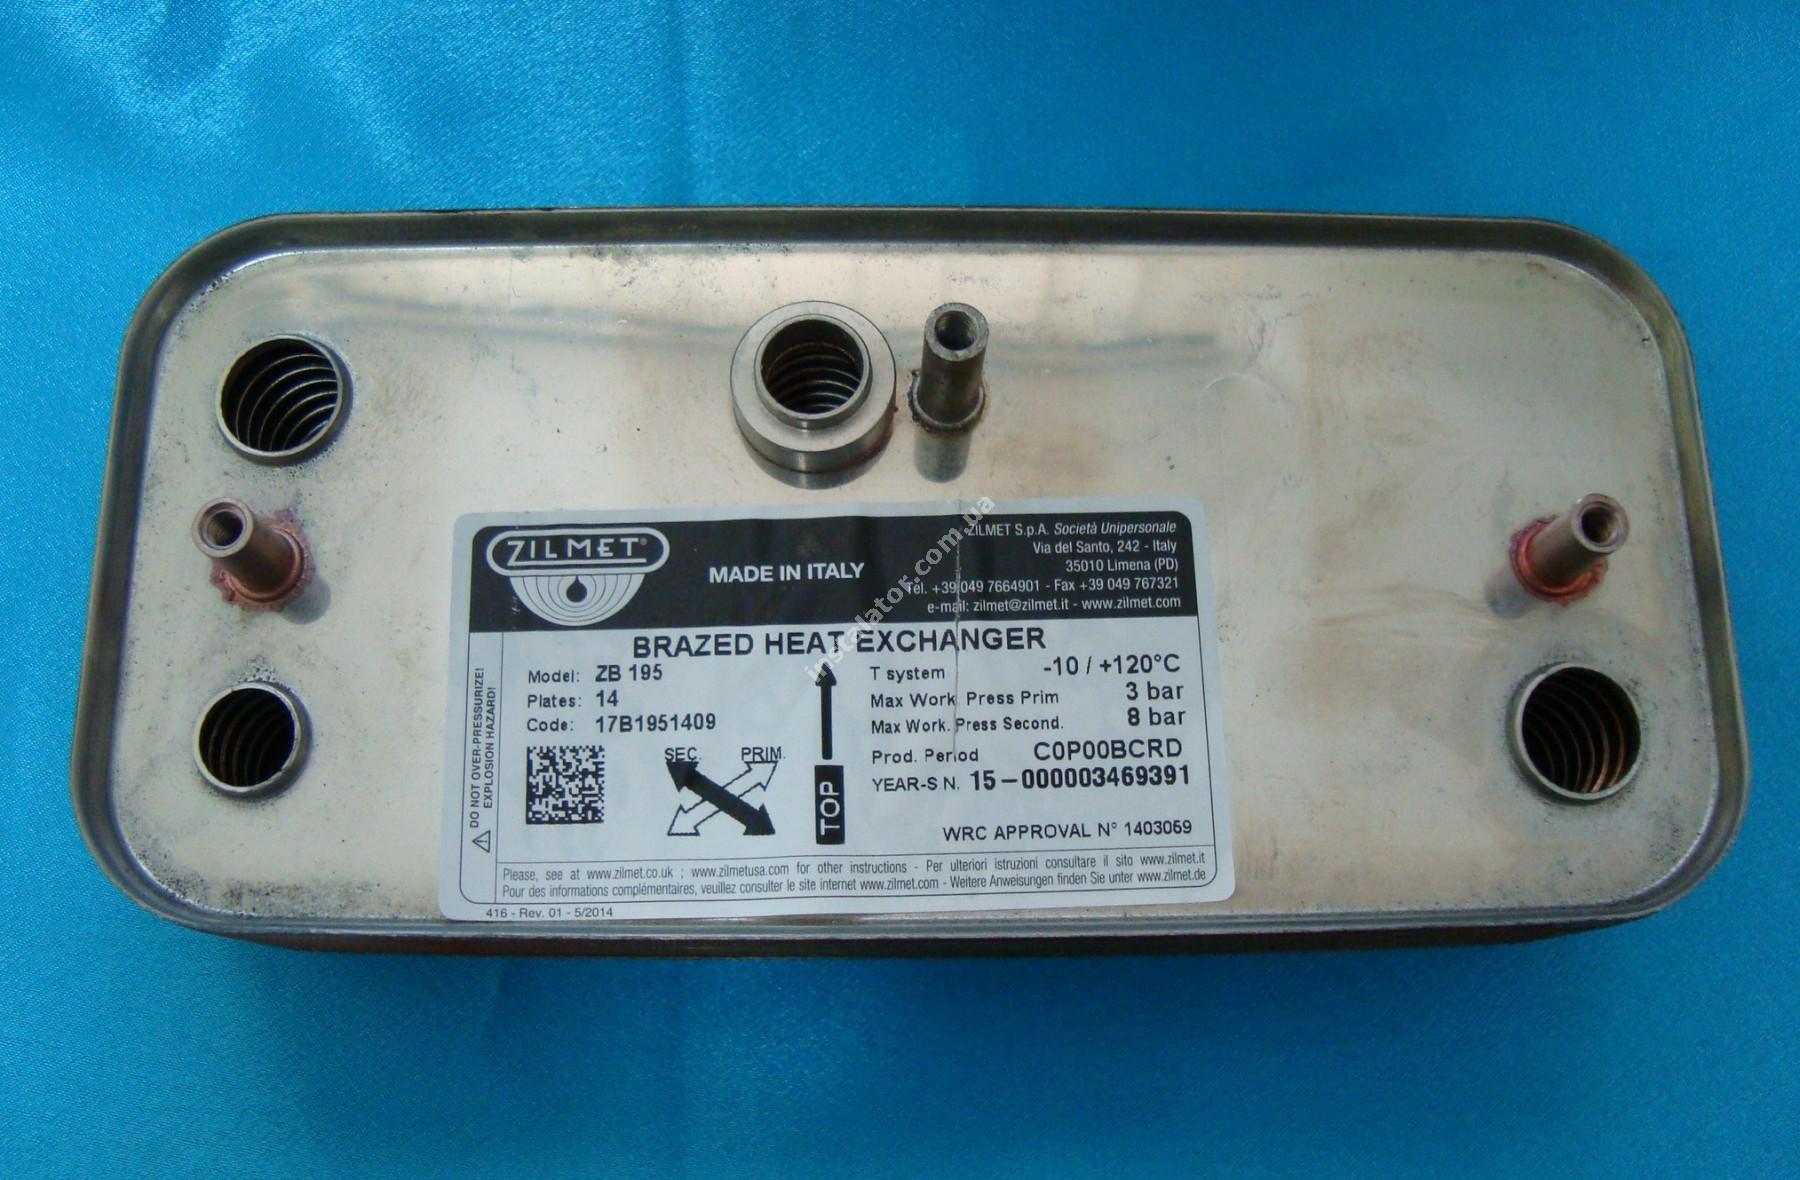 17B1951409 Теплообмінник вторинний Zilmet /SIME Format. Zip BF 14 пластин  full-image-1